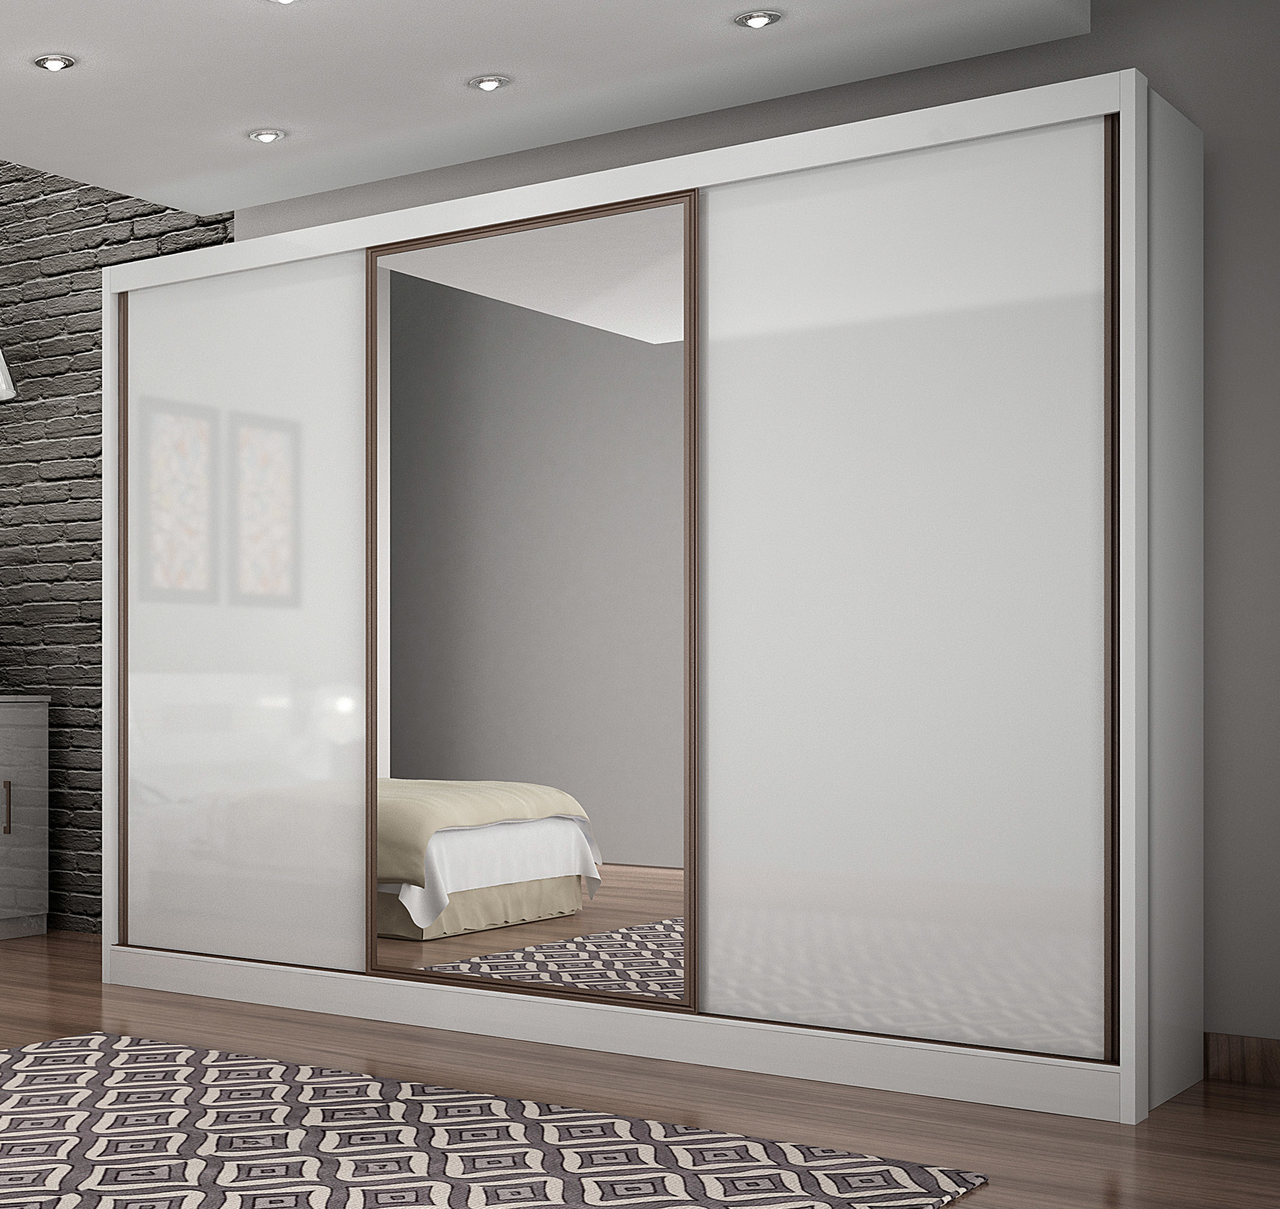 Guarda Roupa Casal com Espelho, 3 Portas e 6 Gavetas Spazzio Novo Horizonte